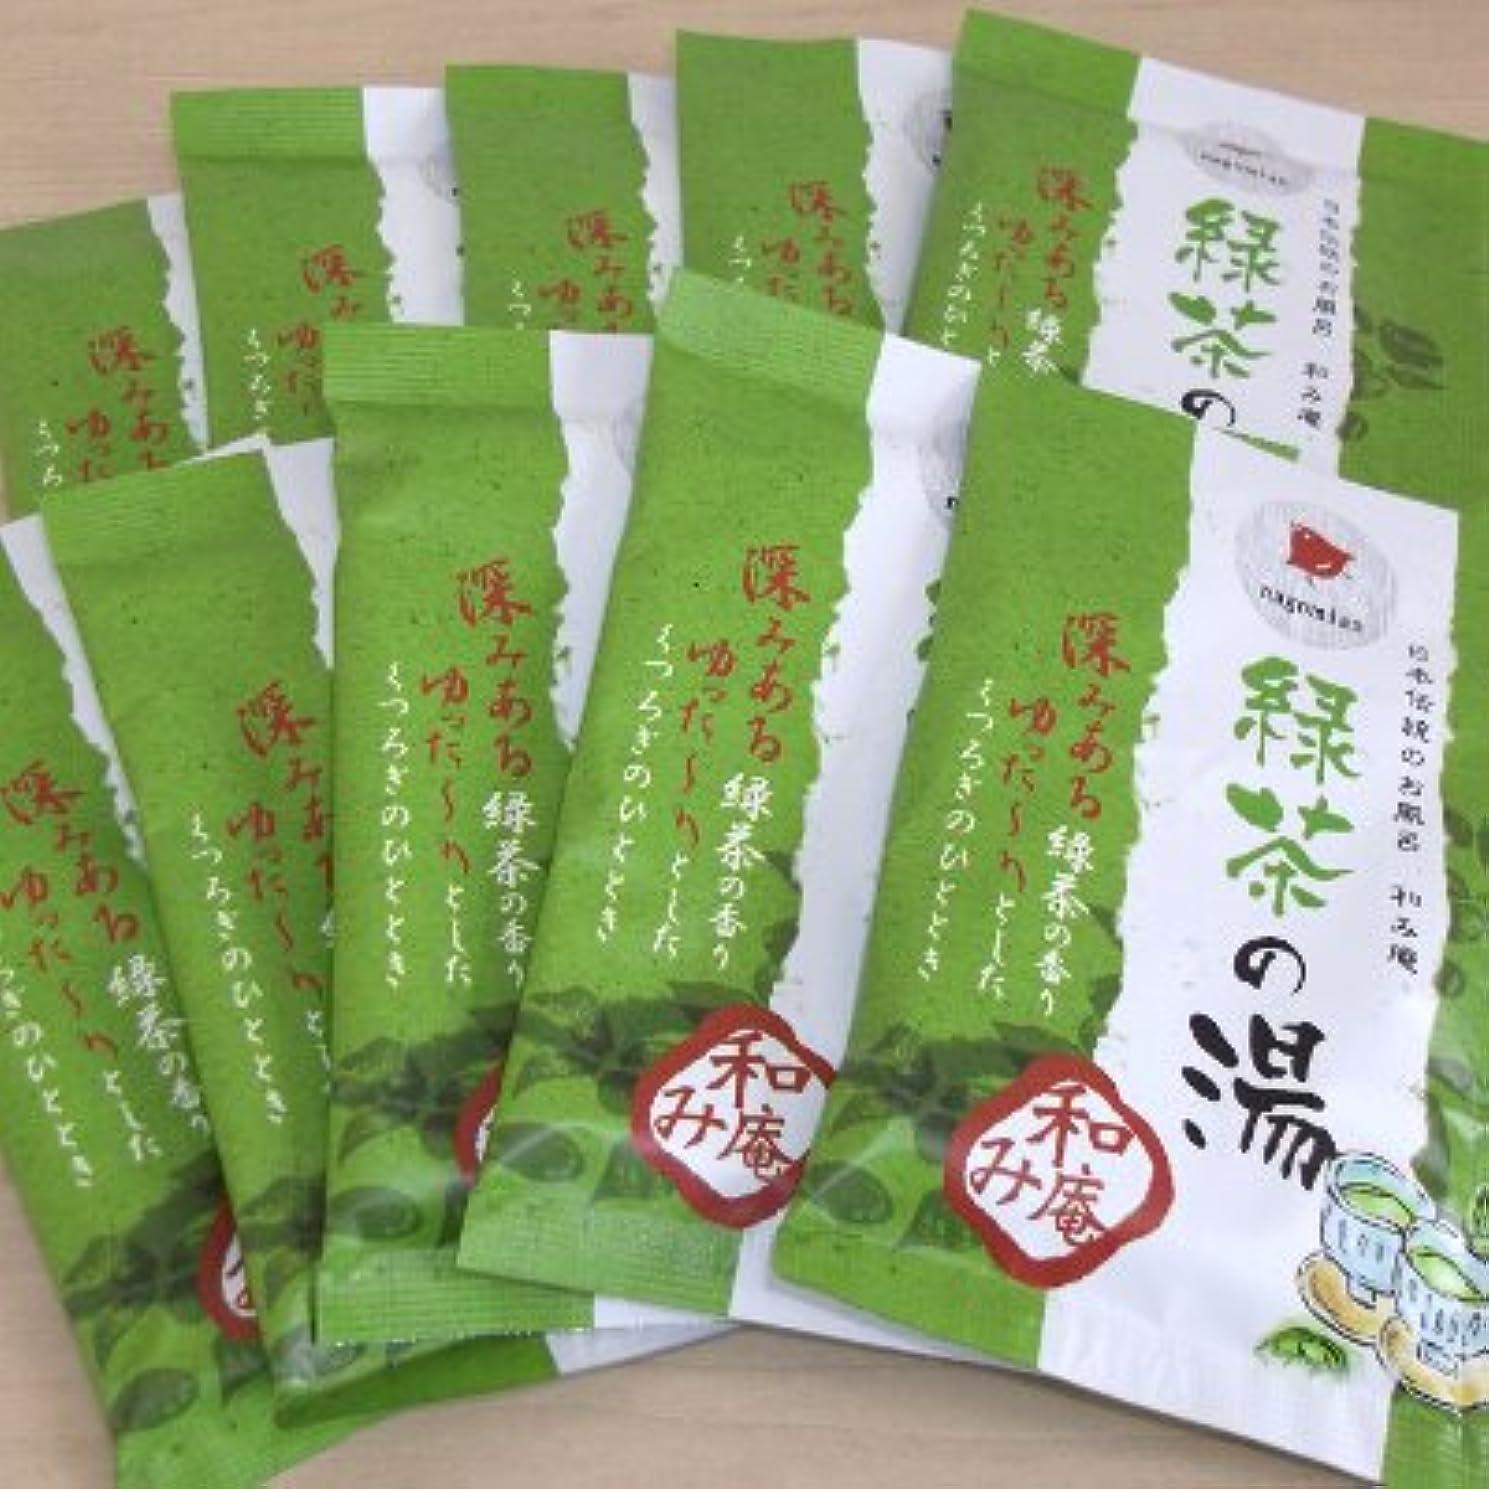 送金振動するキャリア和み庵 緑茶の湯 10包セット